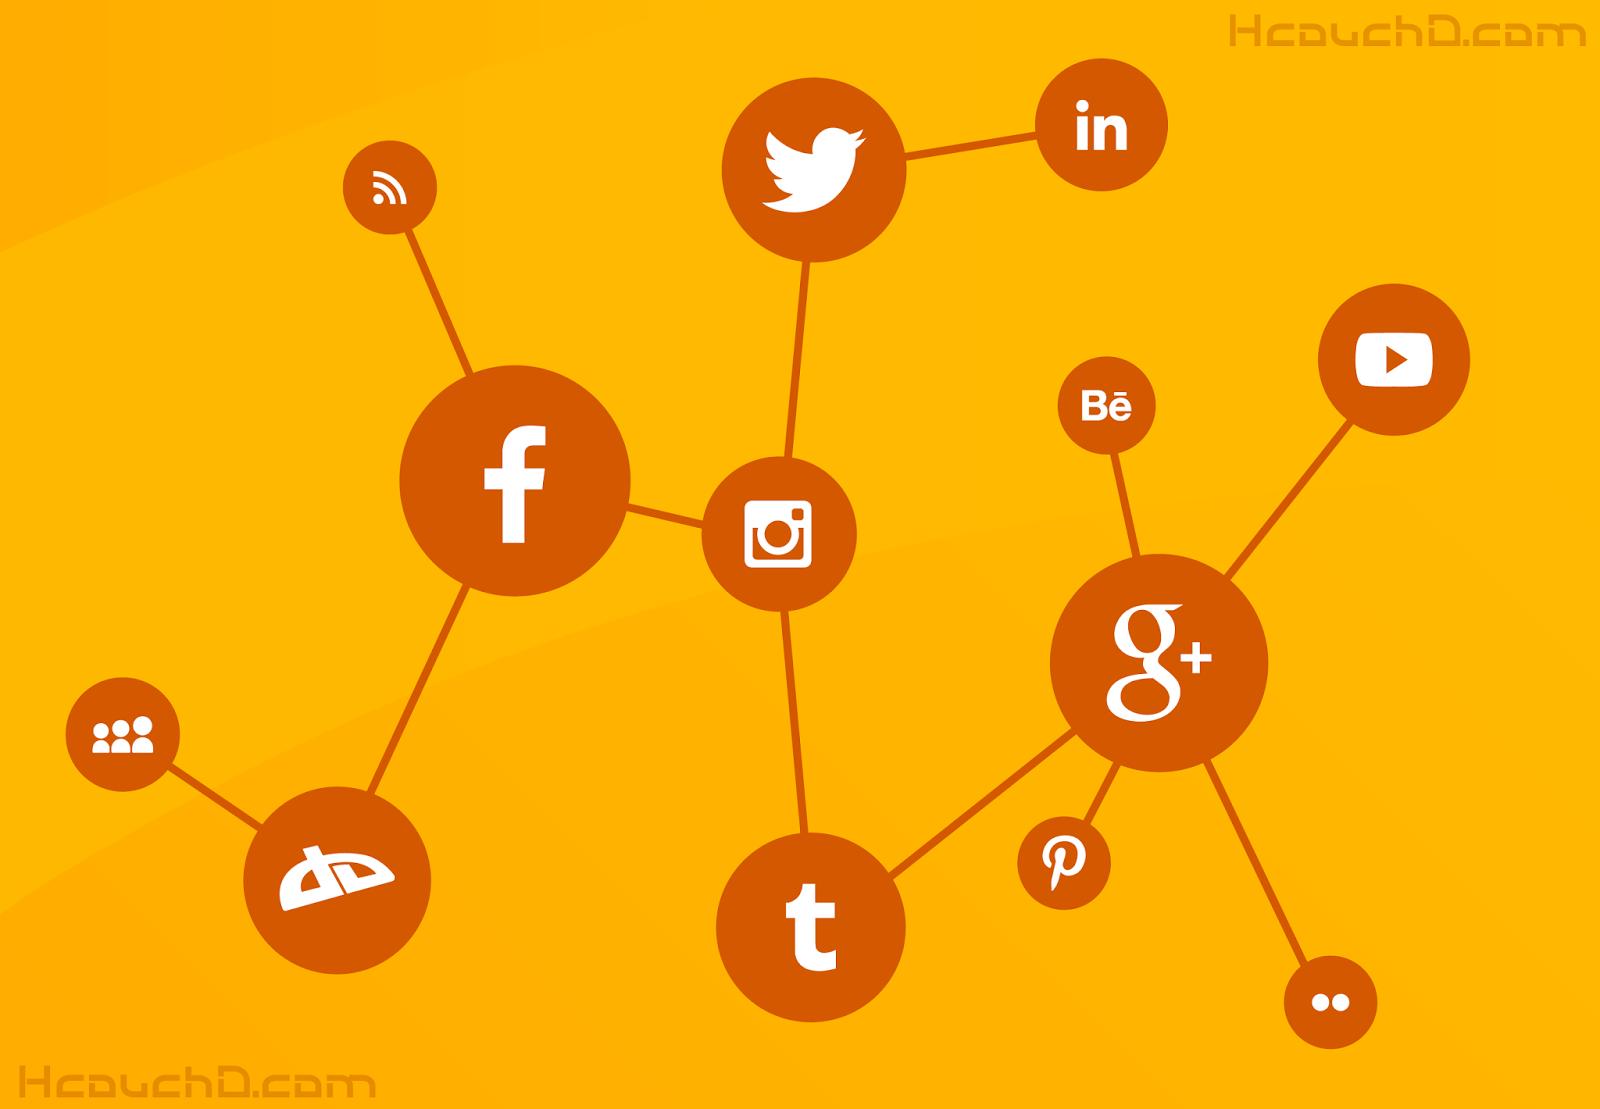 - مواقع التواصل الإجتماعي :